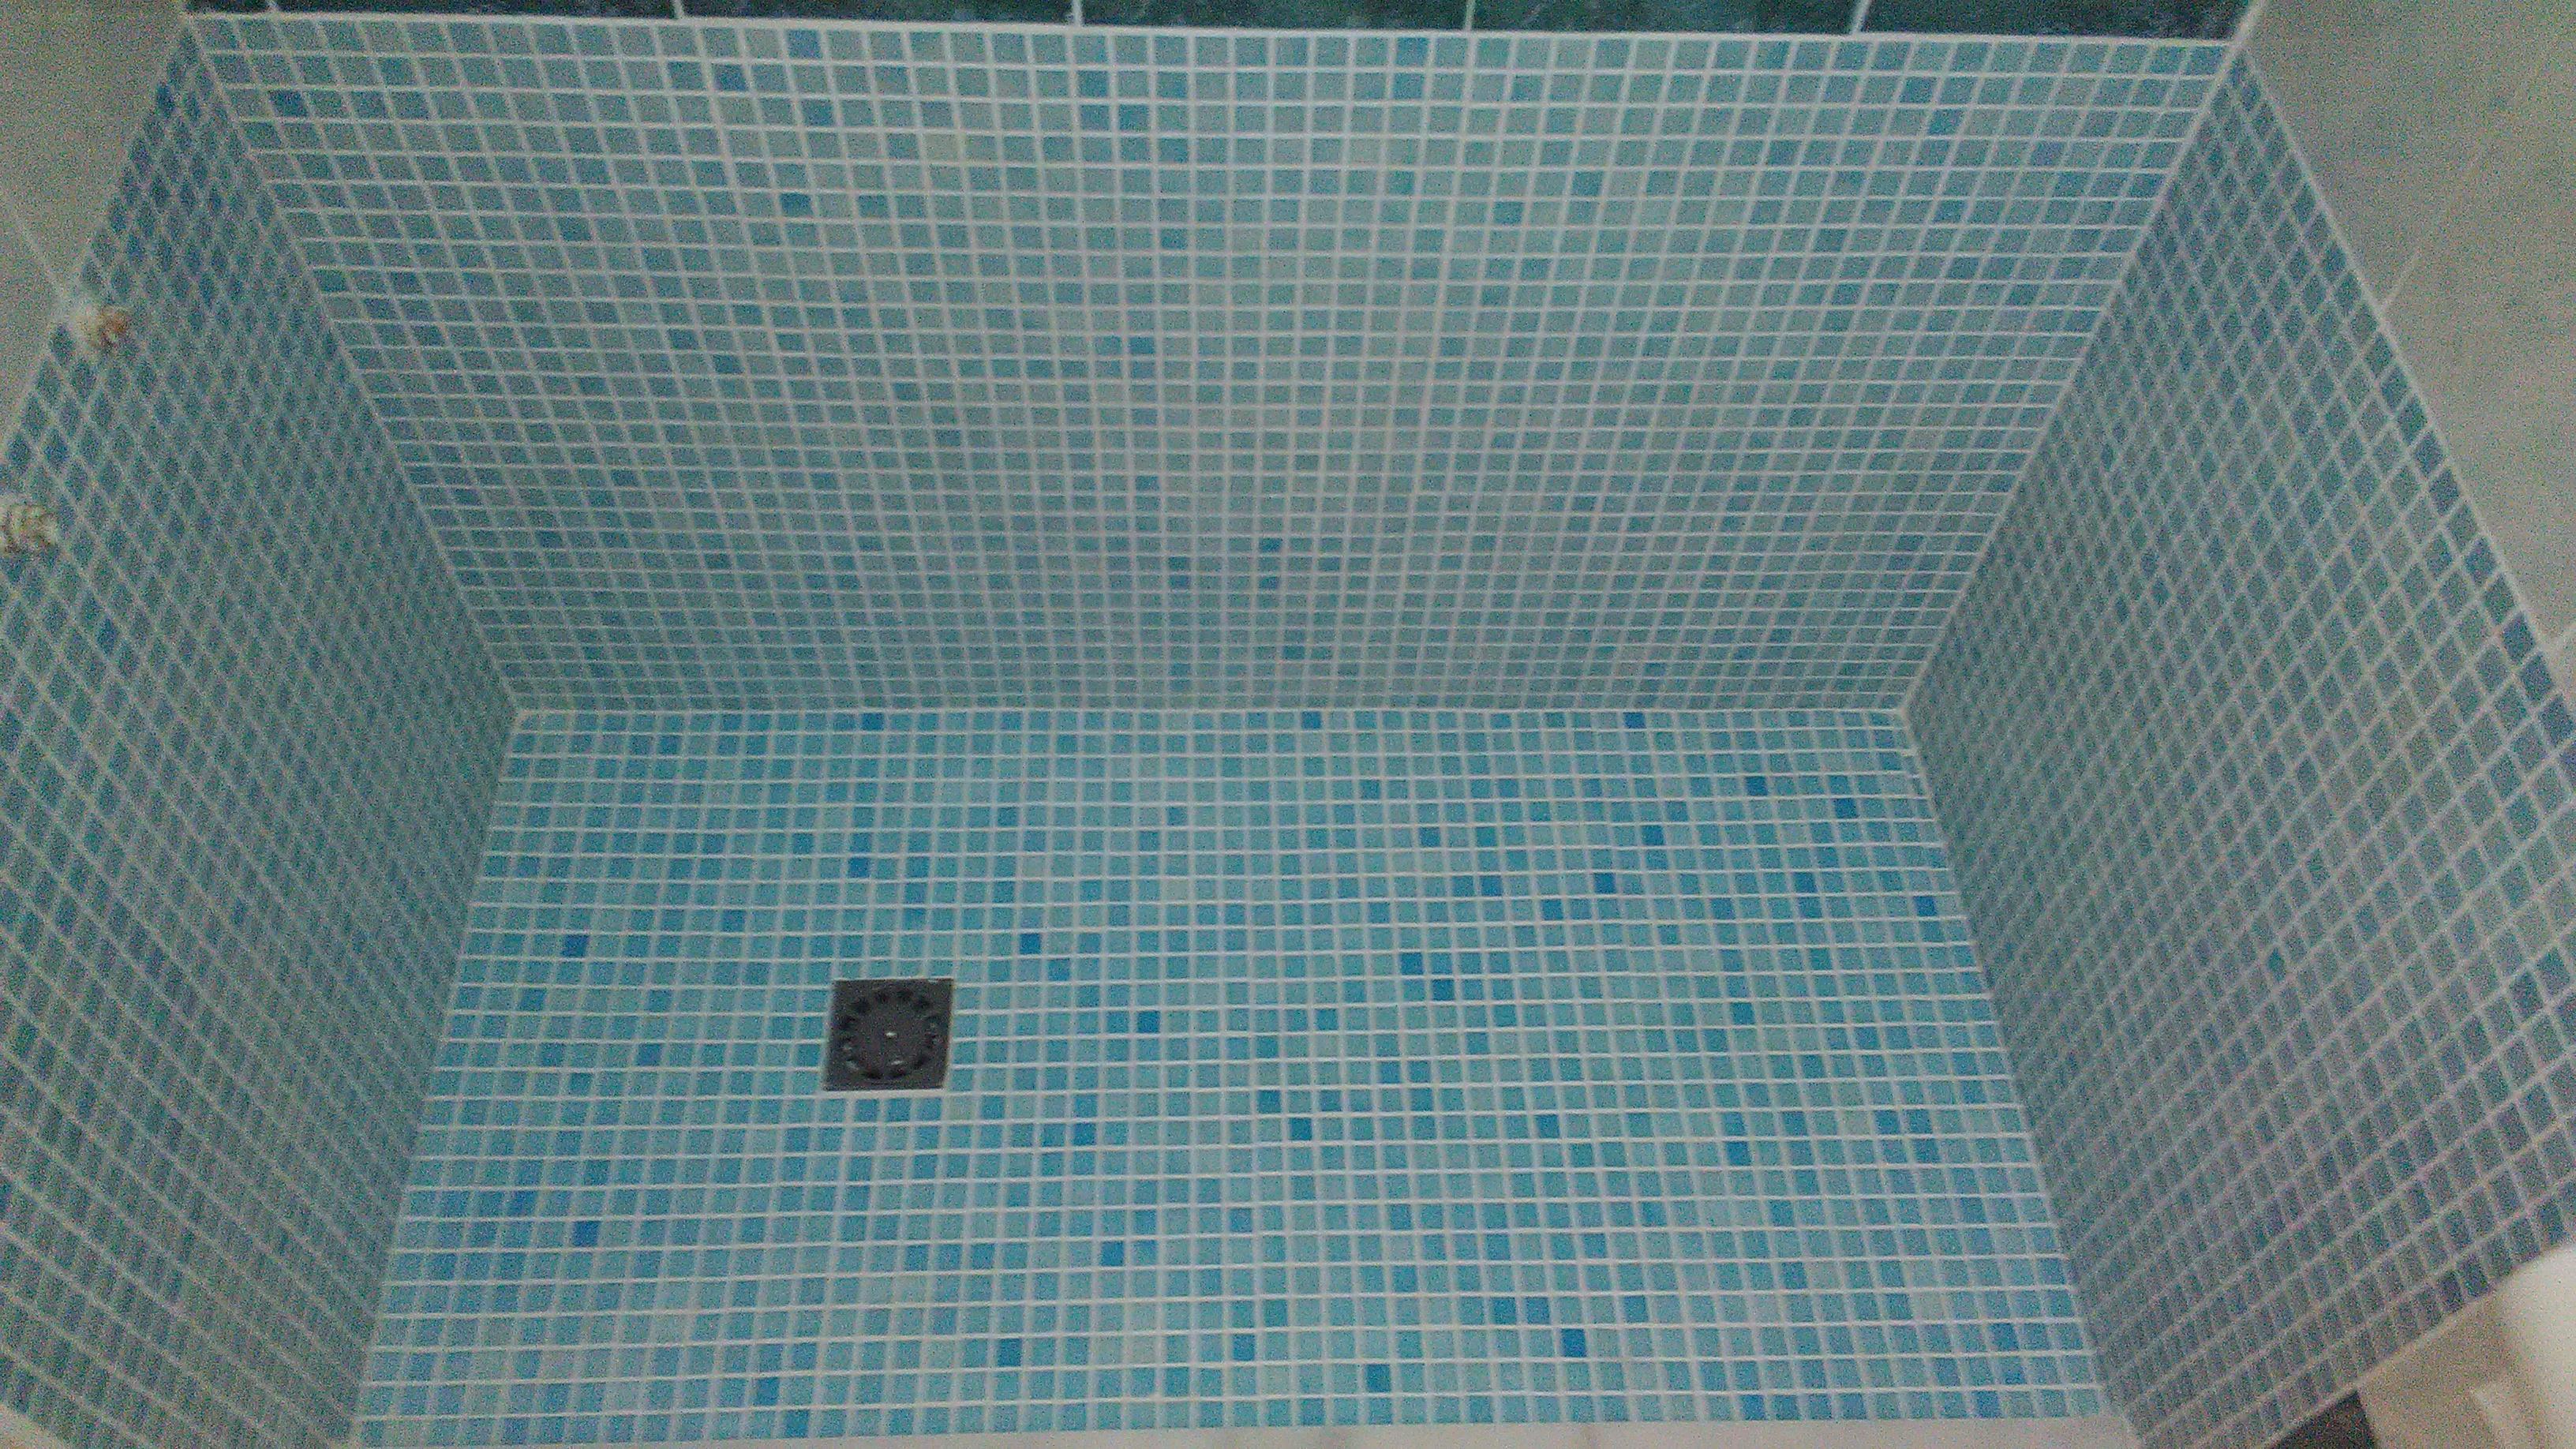 cambio de bañera por plato de ducha en orihuela costa san miguel de salinas bigastro torrevieja orihuela